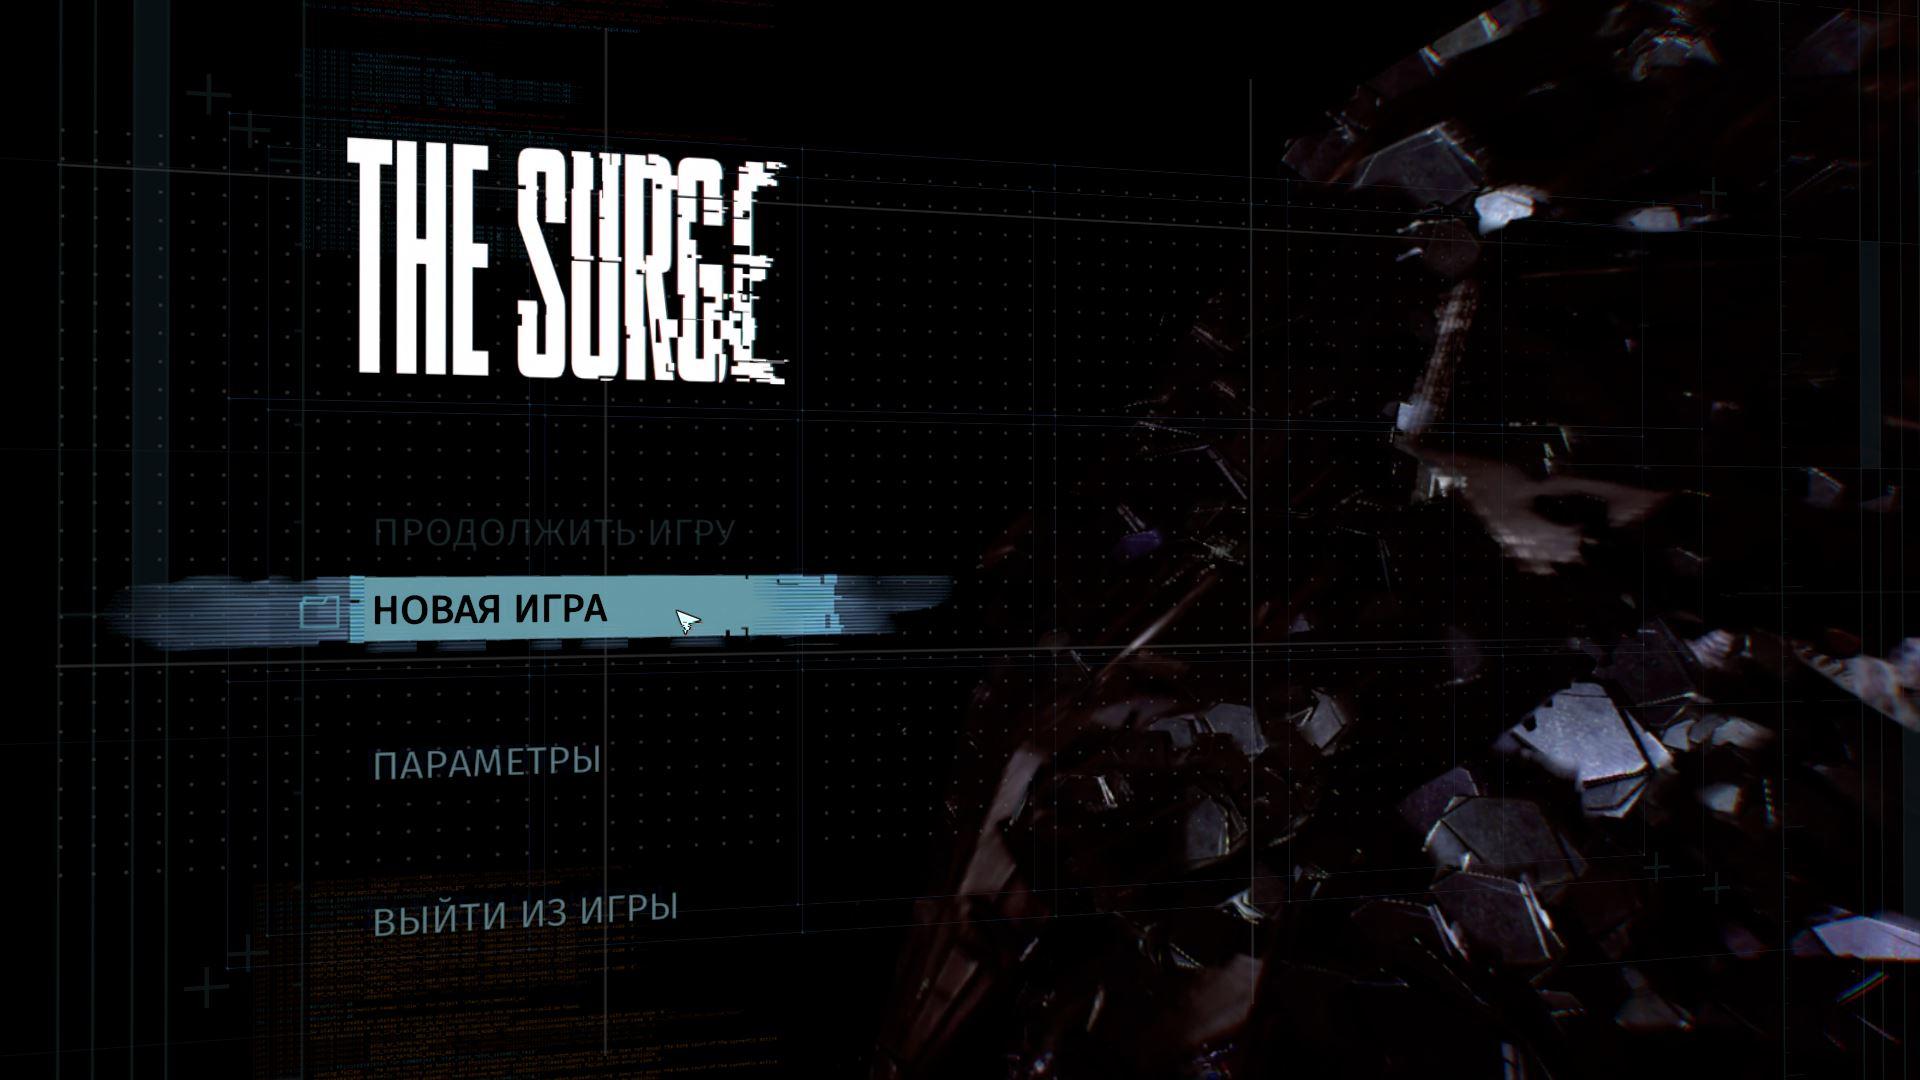 Скачать торрент игры The Surge